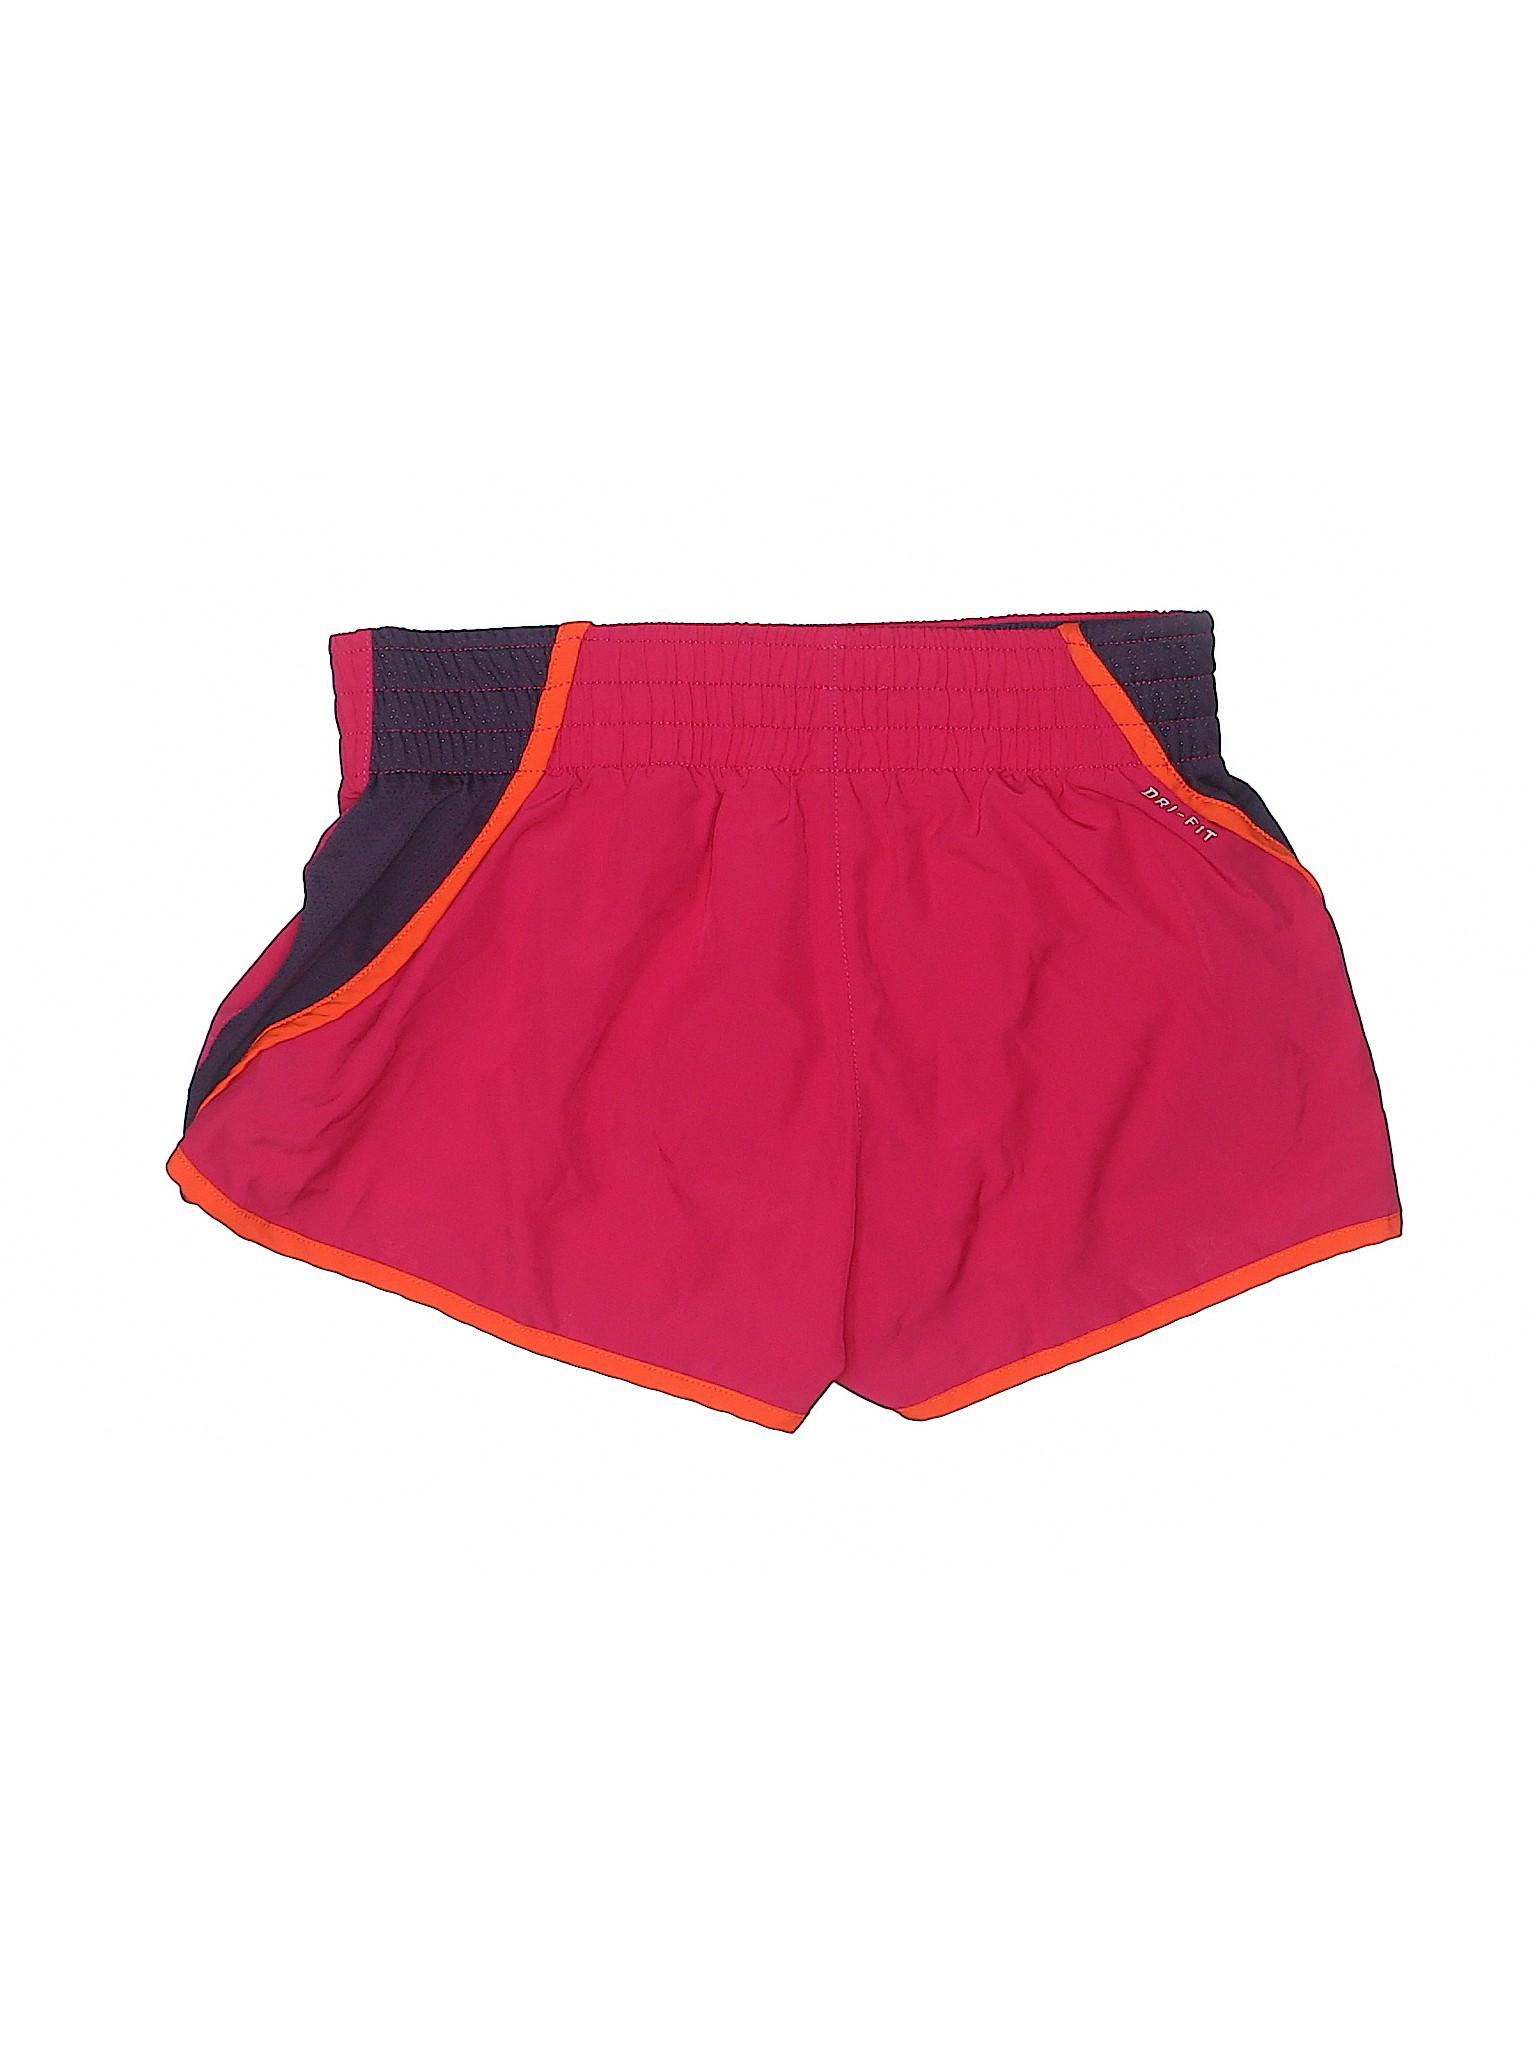 Athletic Nike Boutique Shorts Shorts Shorts Boutique Athletic Boutique Athletic Nike Nike n8xOWwqAzn